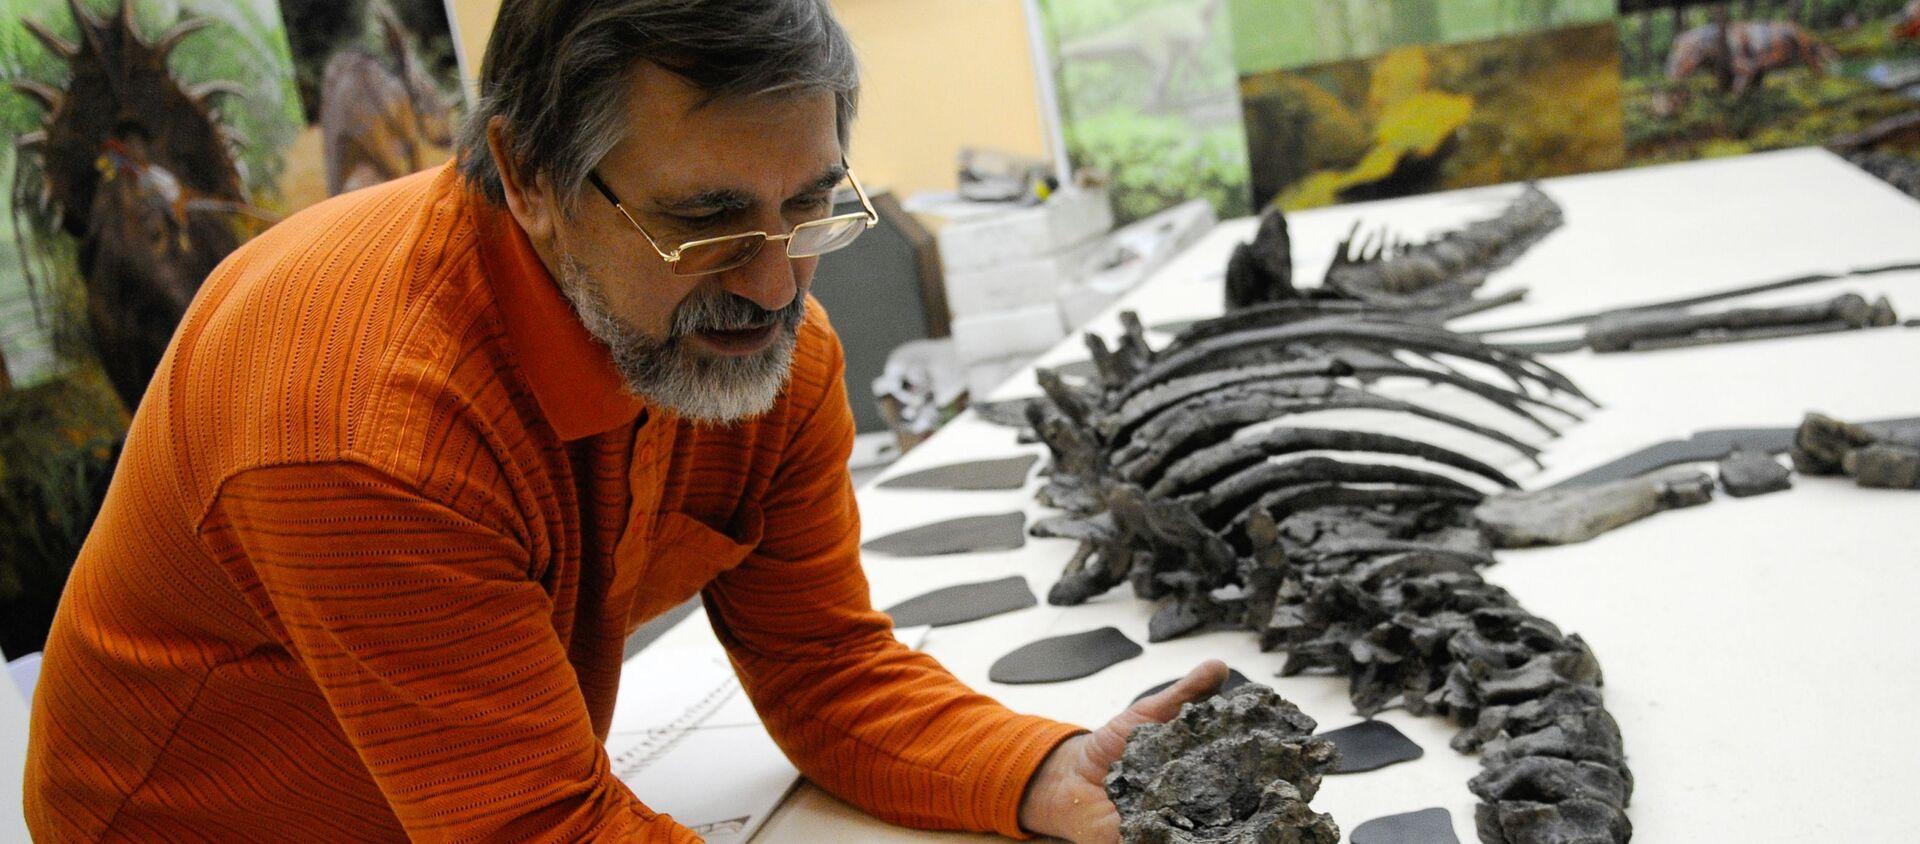 Палеонтолог работает с ископаемым скелетом - Sputnik Армения, 1920, 23.08.2021